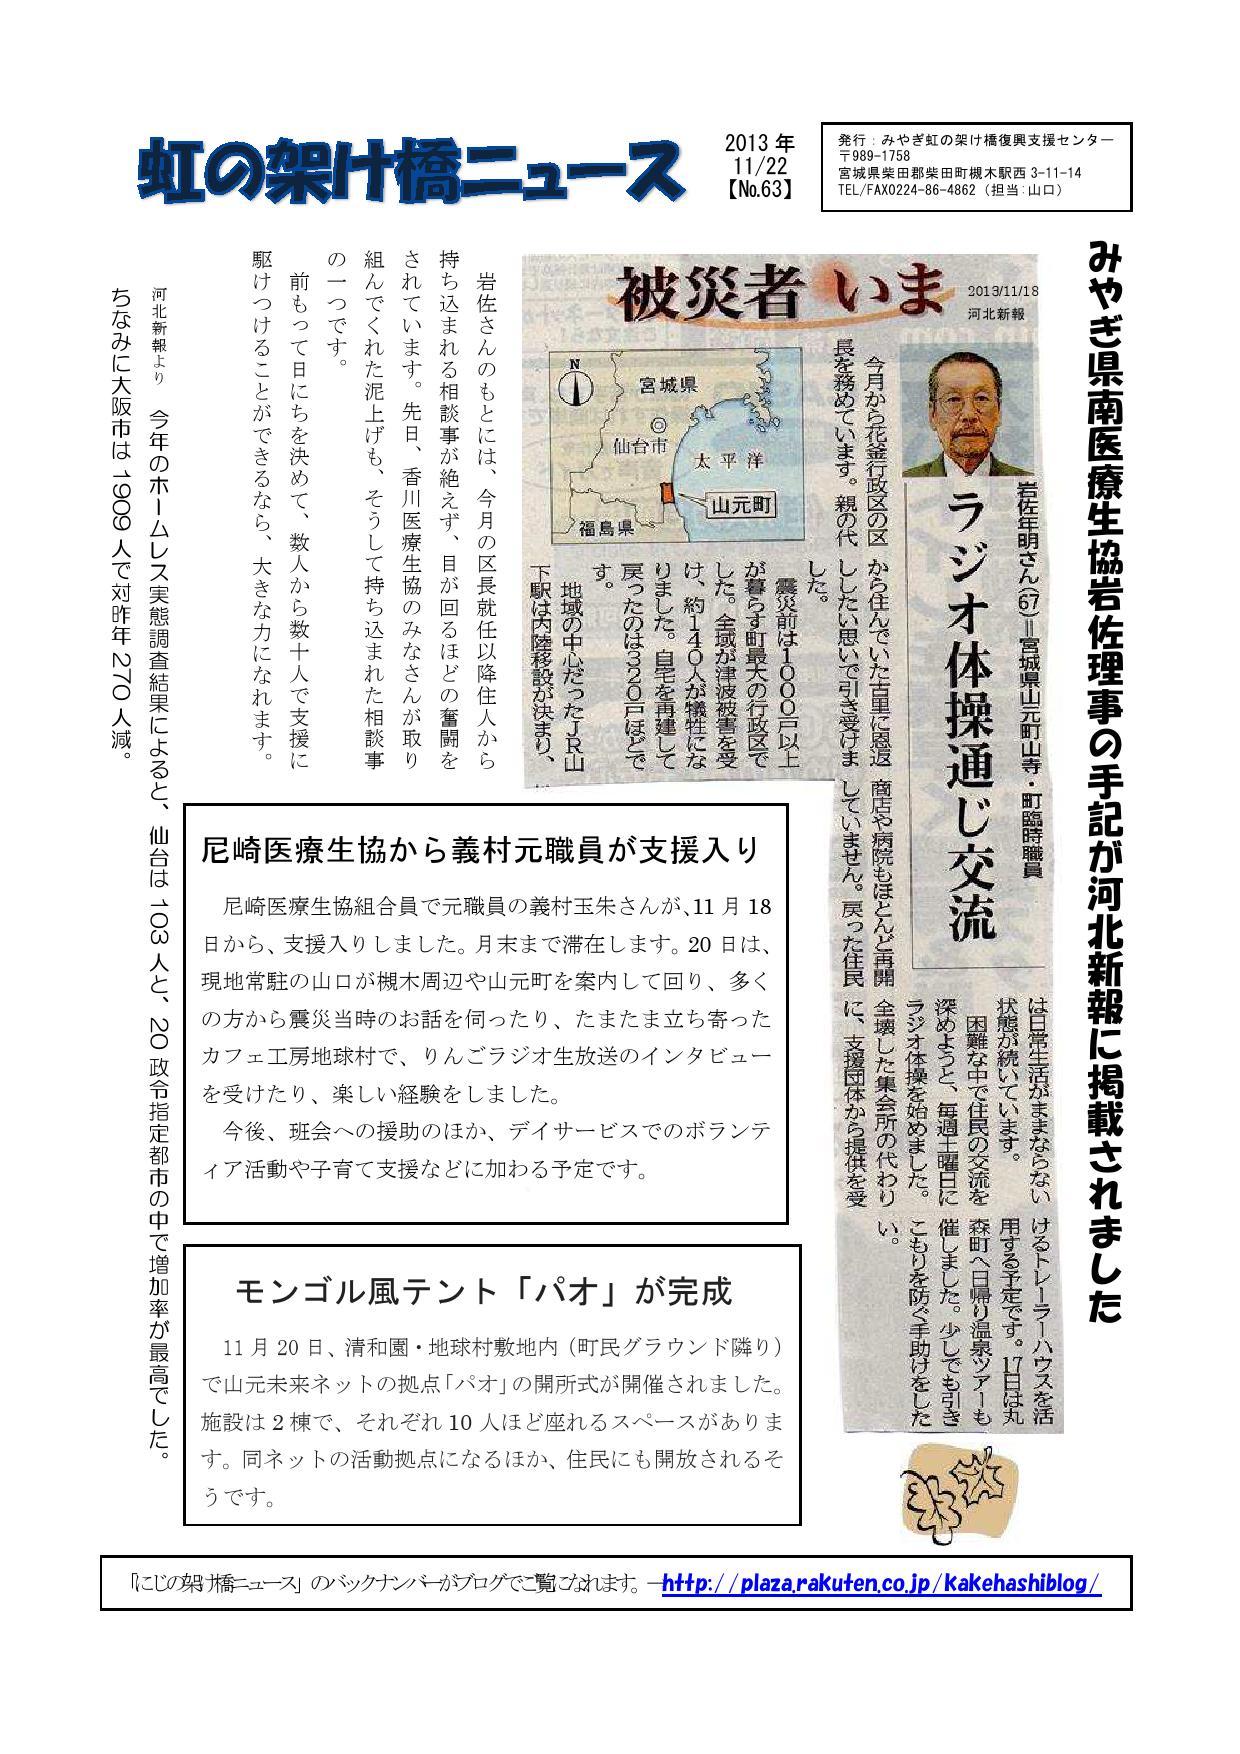 虹の架け橋ニュース63.jpg